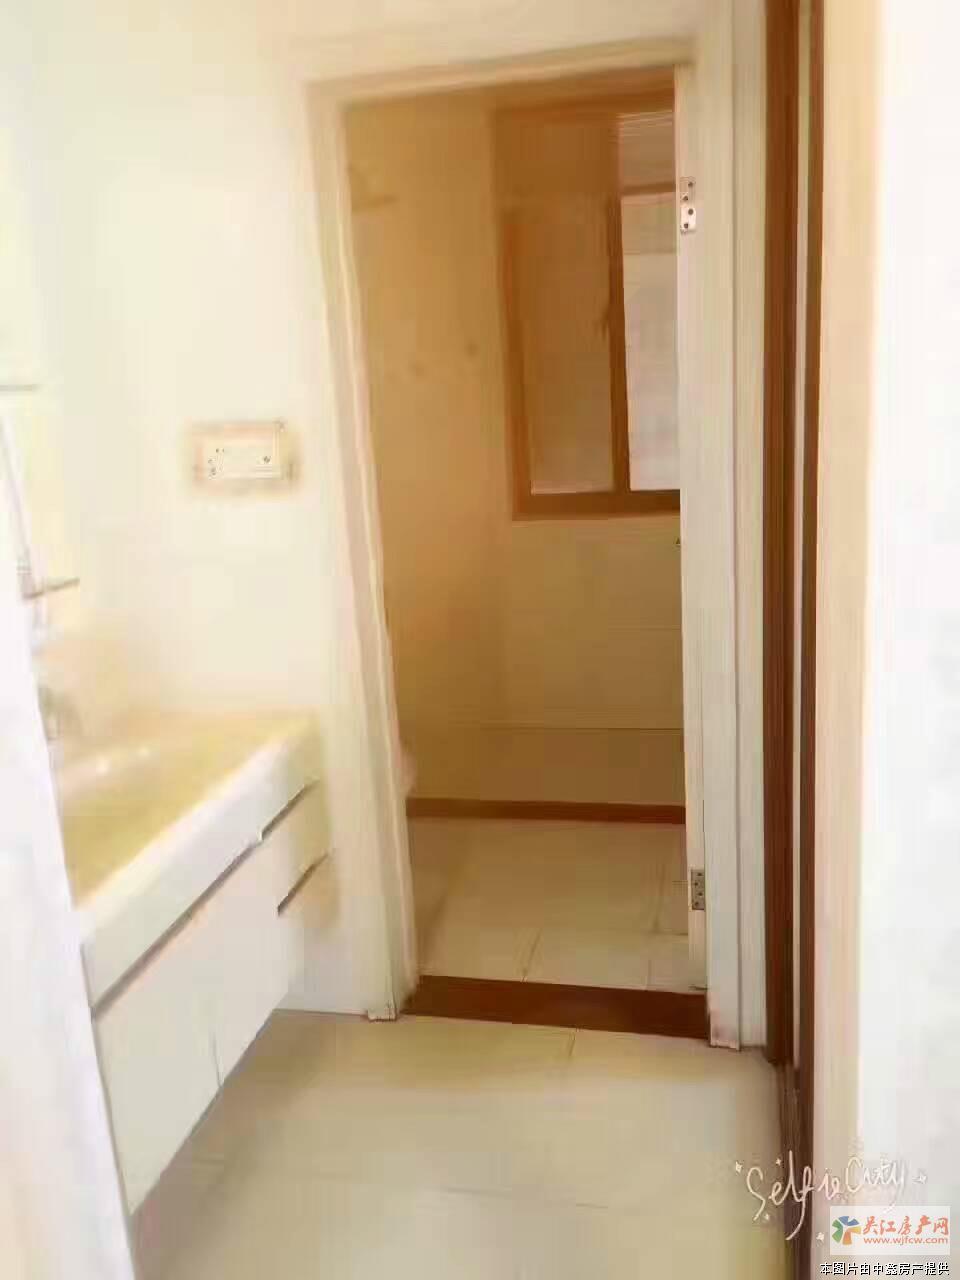 SEN-奥林清华西区 2室2厅1卫 90平方米 2500元/月出租